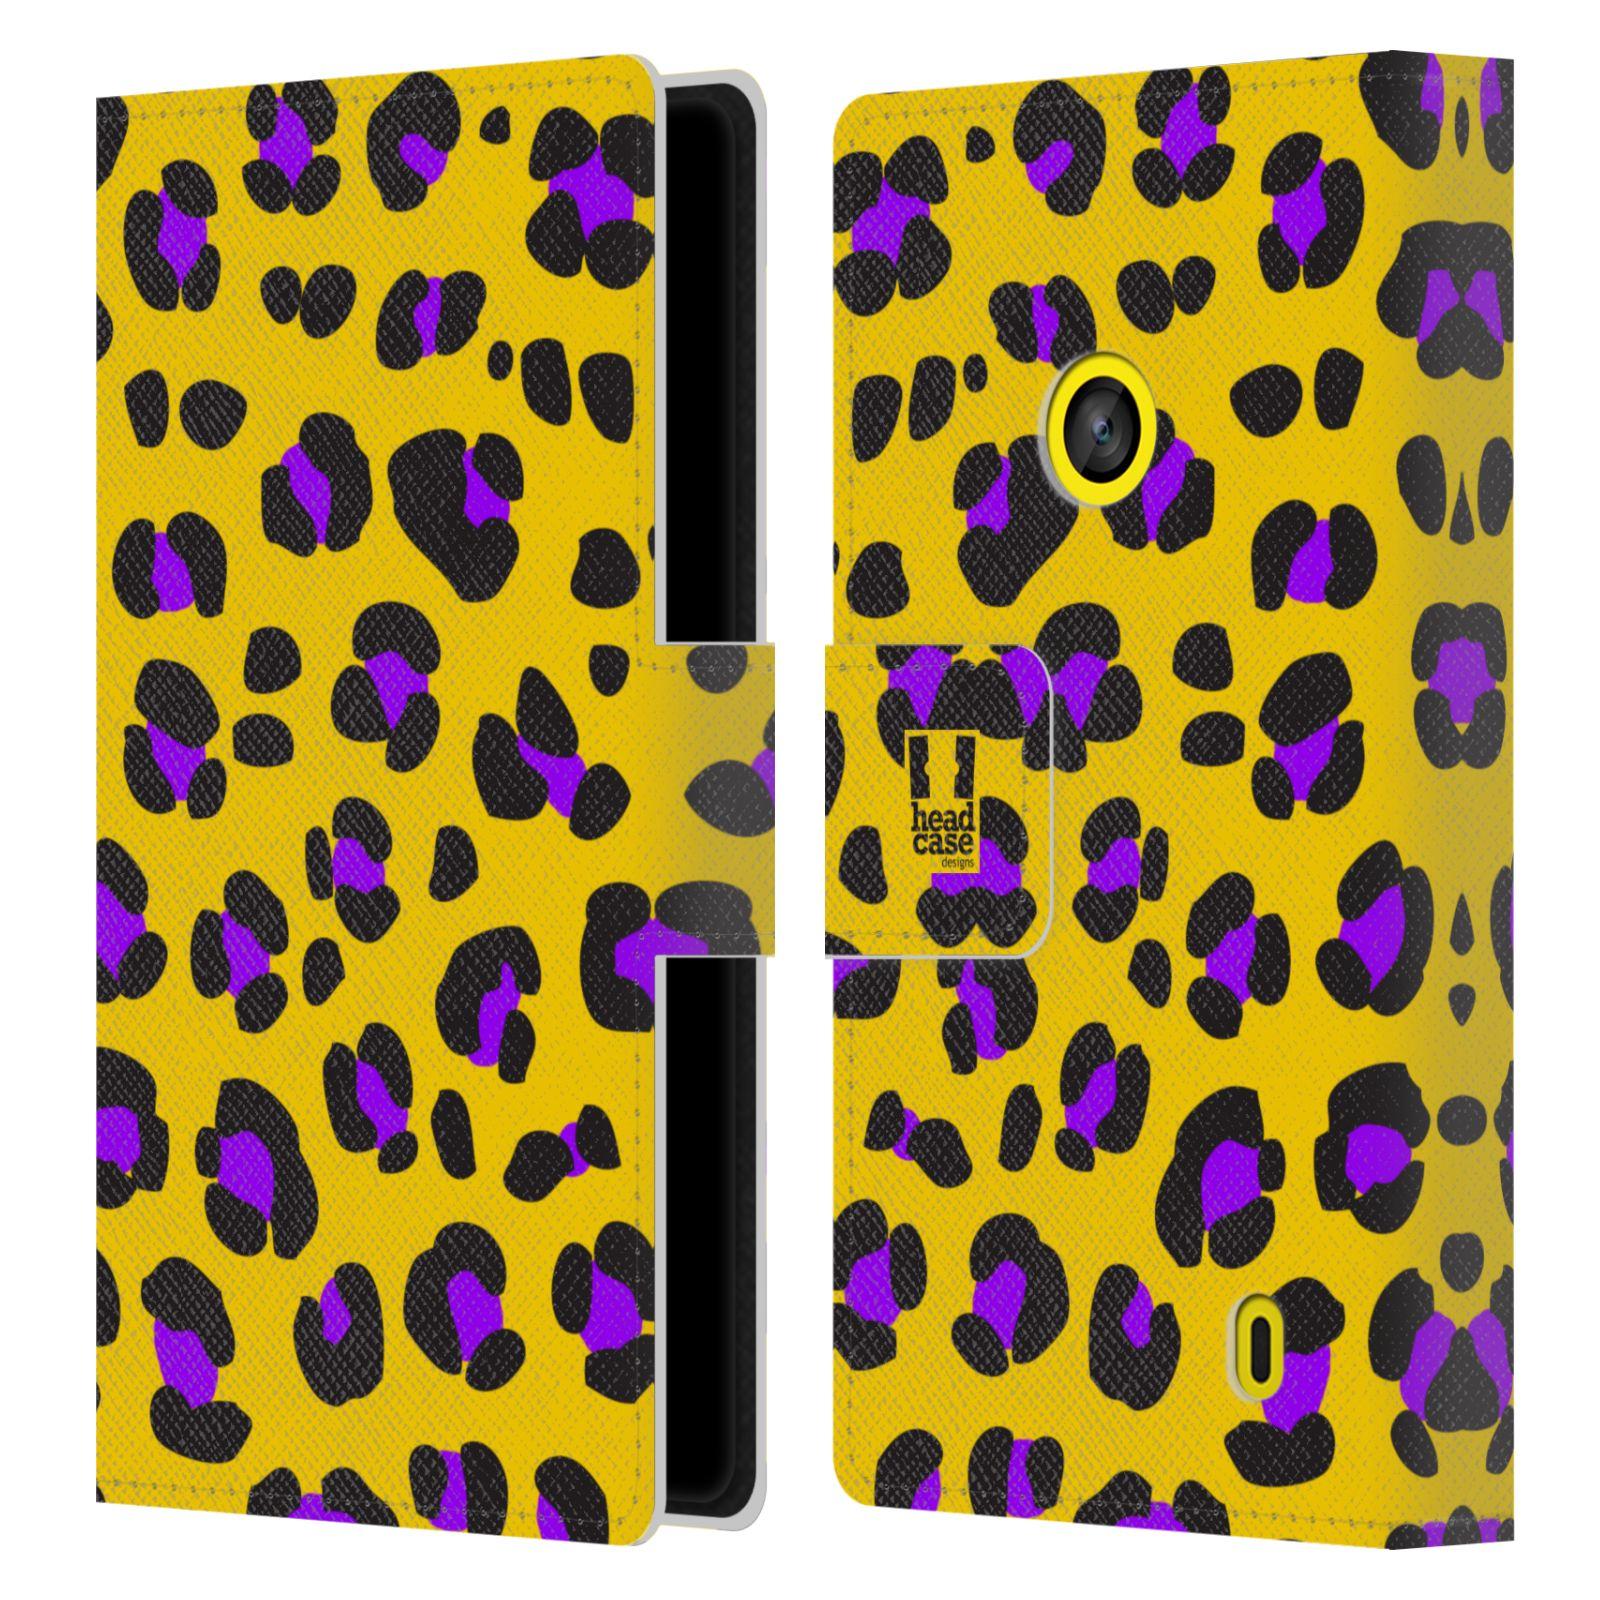 HEAD CASE Flipové pouzdro pro mobil NOKIA LUMIA 520 / 525 Zvířecí barevné vzory žlutý leopard fialové skvrny